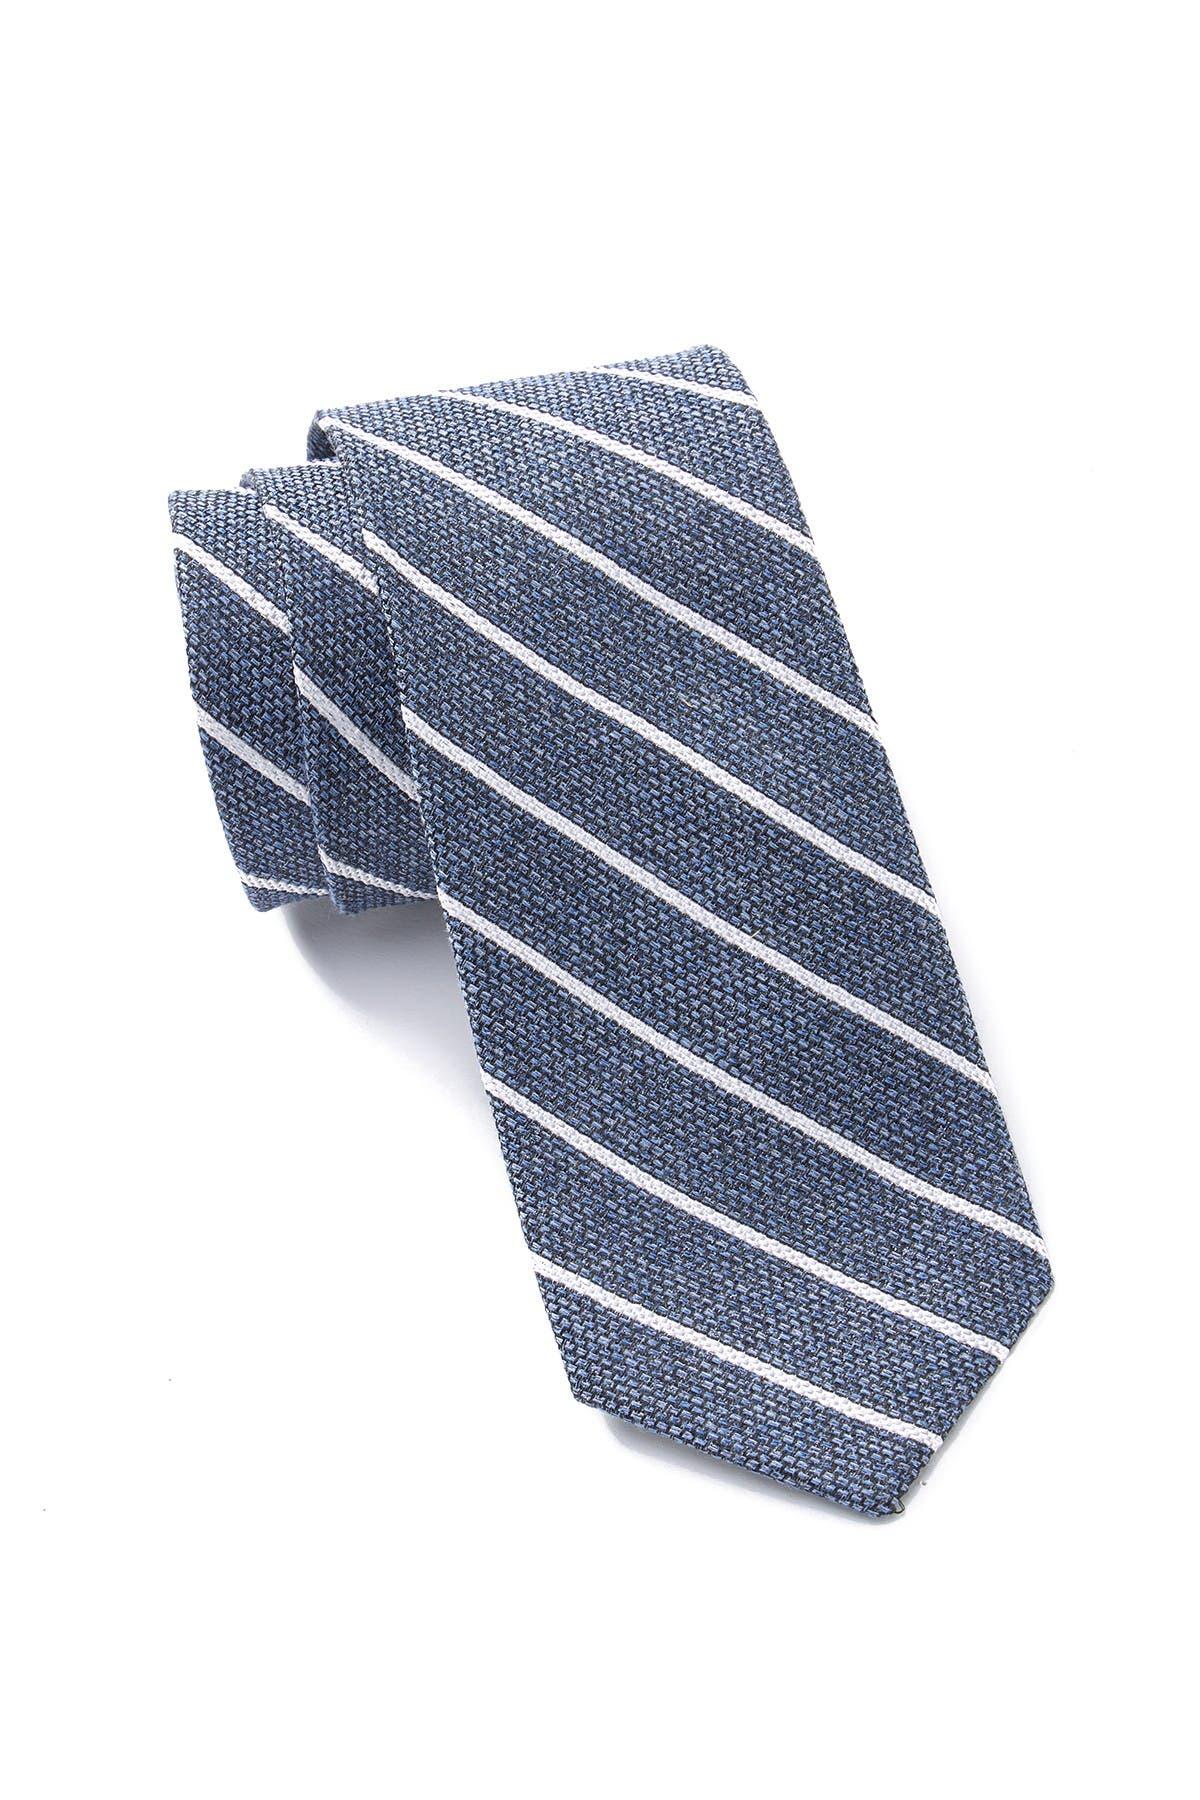 Image of Ben Sherman Kine Stripe Tie